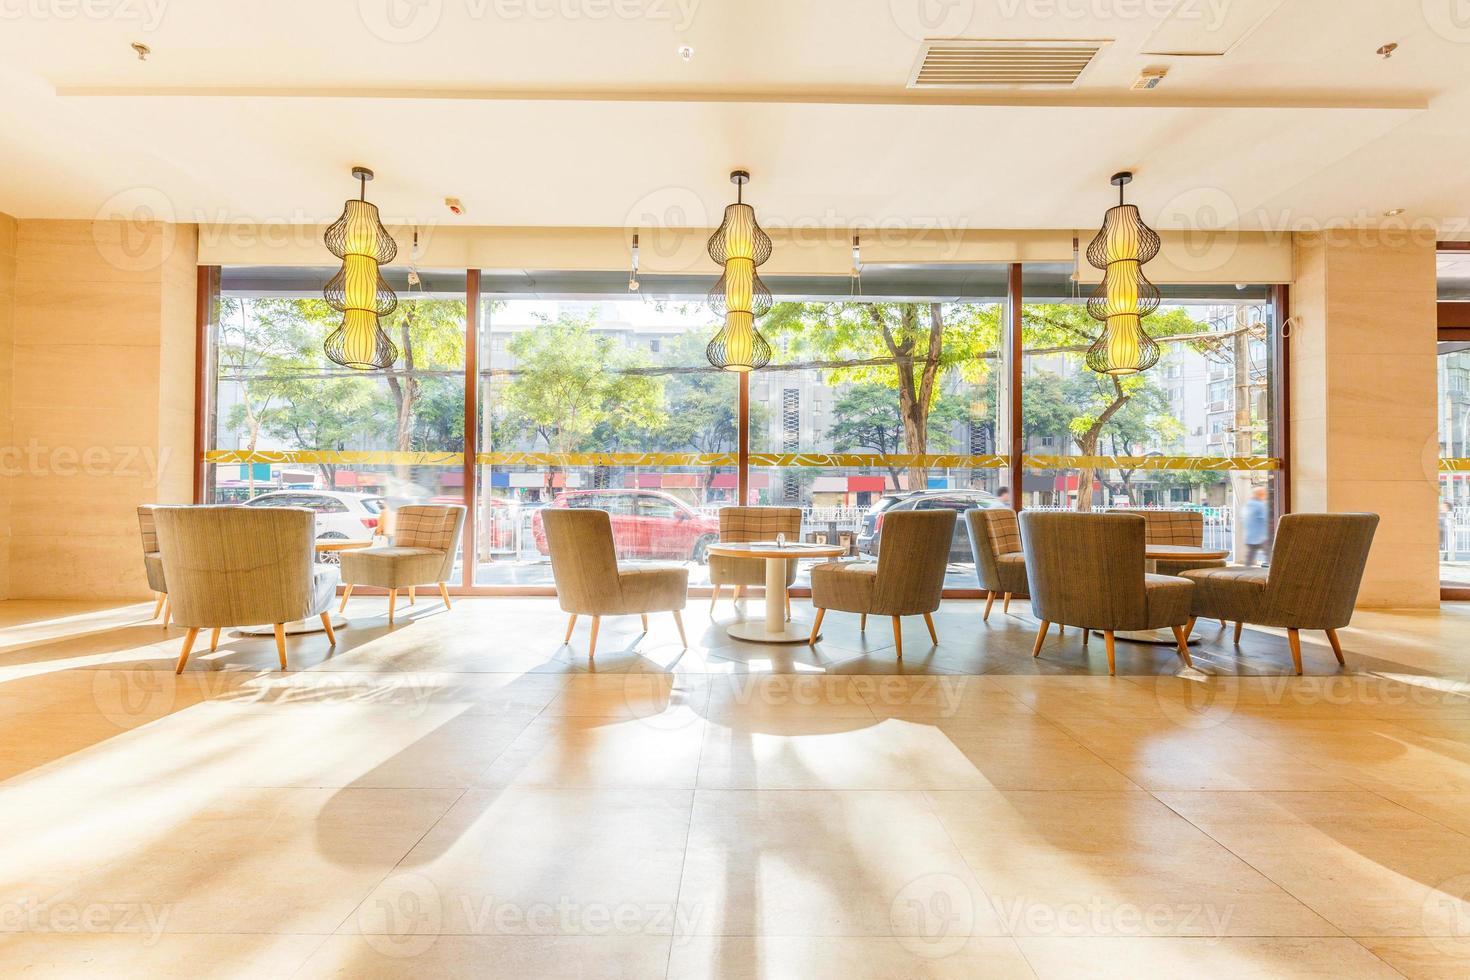 pavimento luminoso e decorazione interna del ristorante foto